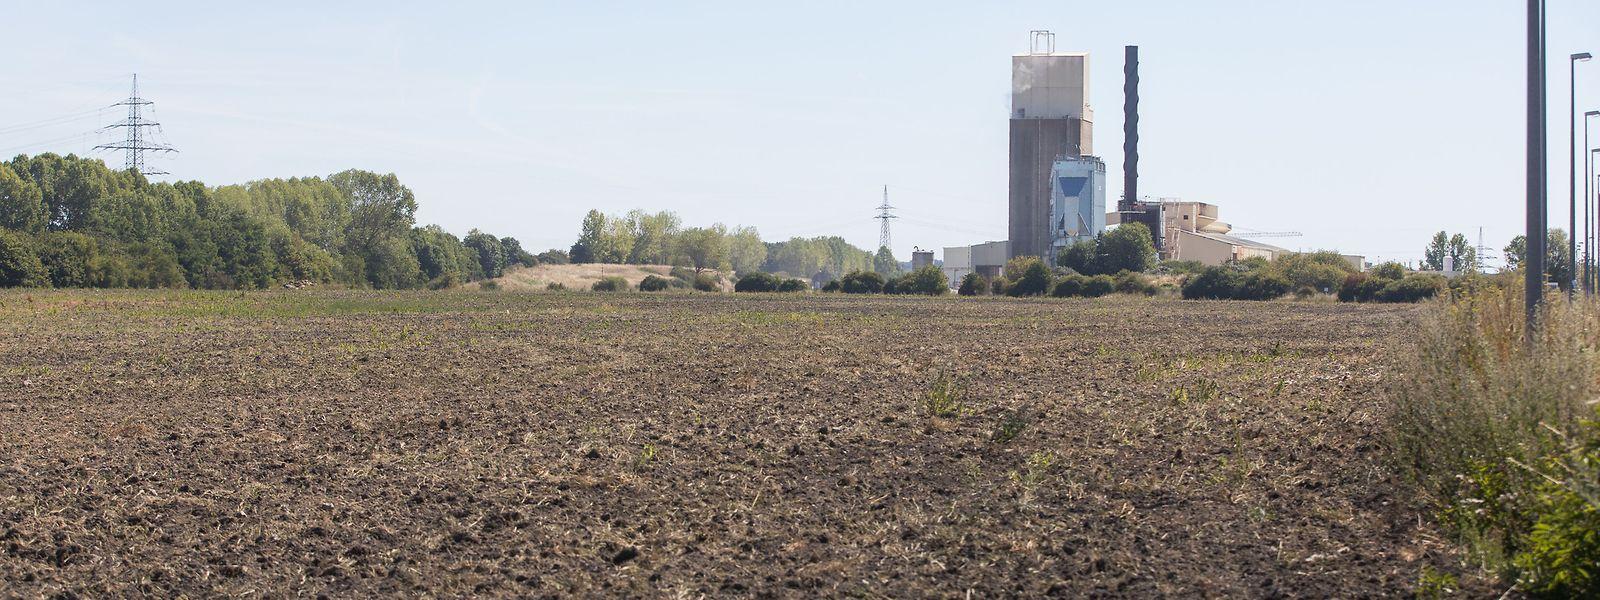 Après quatre années de discussions et d'atermoiements, la société Fage a renoncé à s'installer à proximité de Bettembourg. Les 15 hectares seront rachetés par le ministère de  l'Economie.